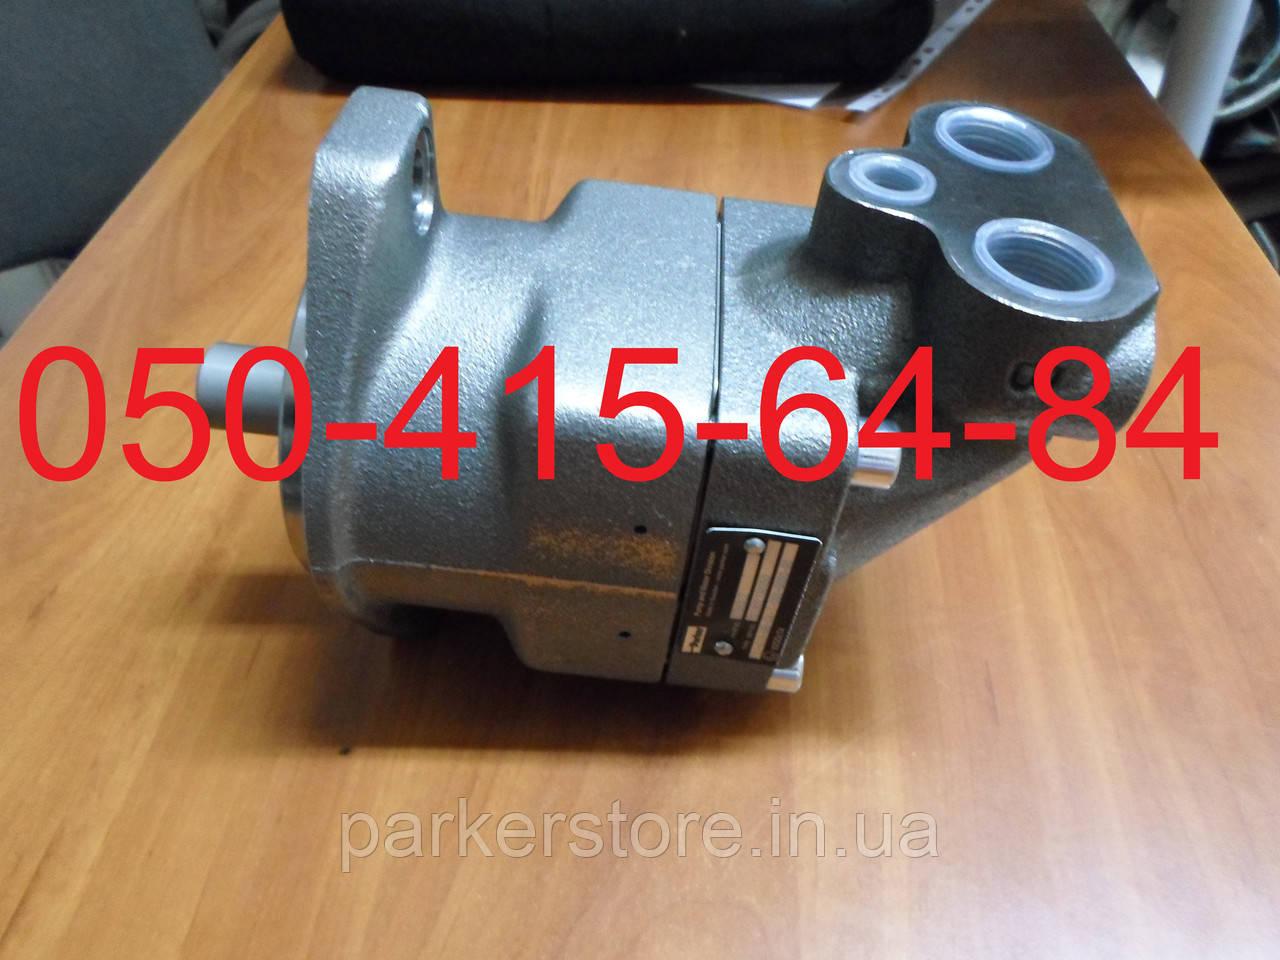 Гидромоторы Parker серии F11-014 по низкой цене от официального дистрибьютора в Украине